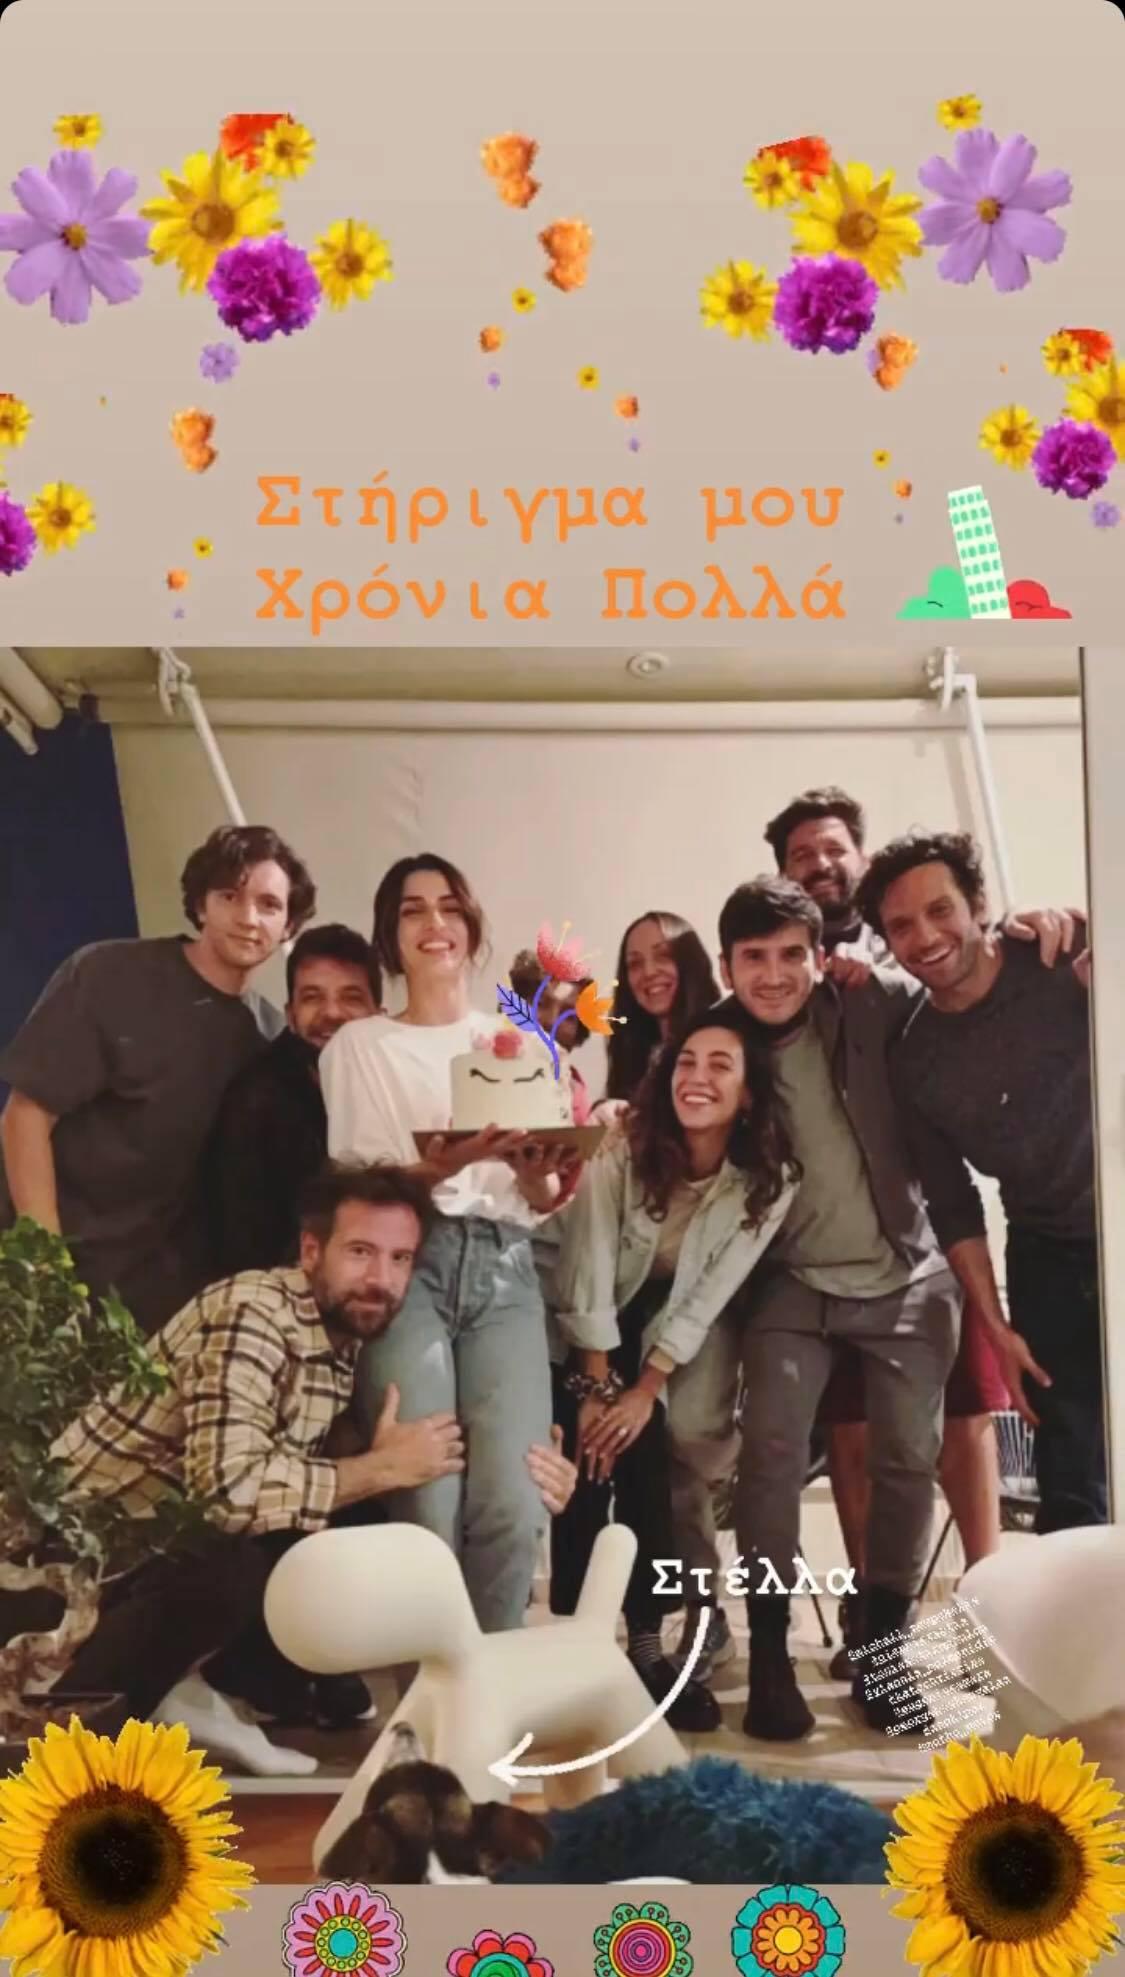 Η Τόνια Σωτηροπούλου έχει γενέθλια και ο Κωστής Μαραβέγιας της εύχεται με μία φράση που τα λέει όλα! (εικόνα)